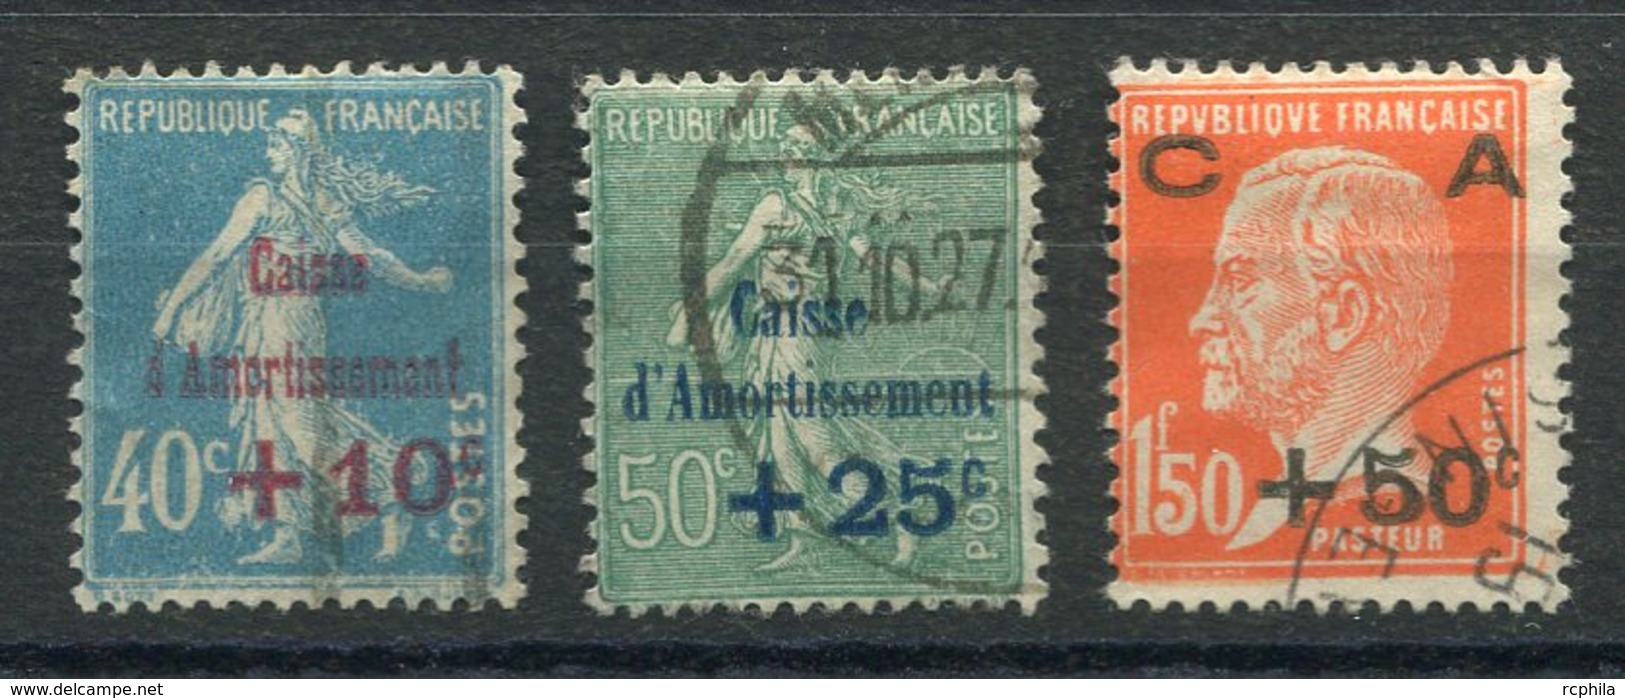 RC 14734 FRANCE N° 246 / 248 SERIE CAISSE D'AMORTISSEMENT COTE 33€ OBLITÉRÉE TB - Oblitérés